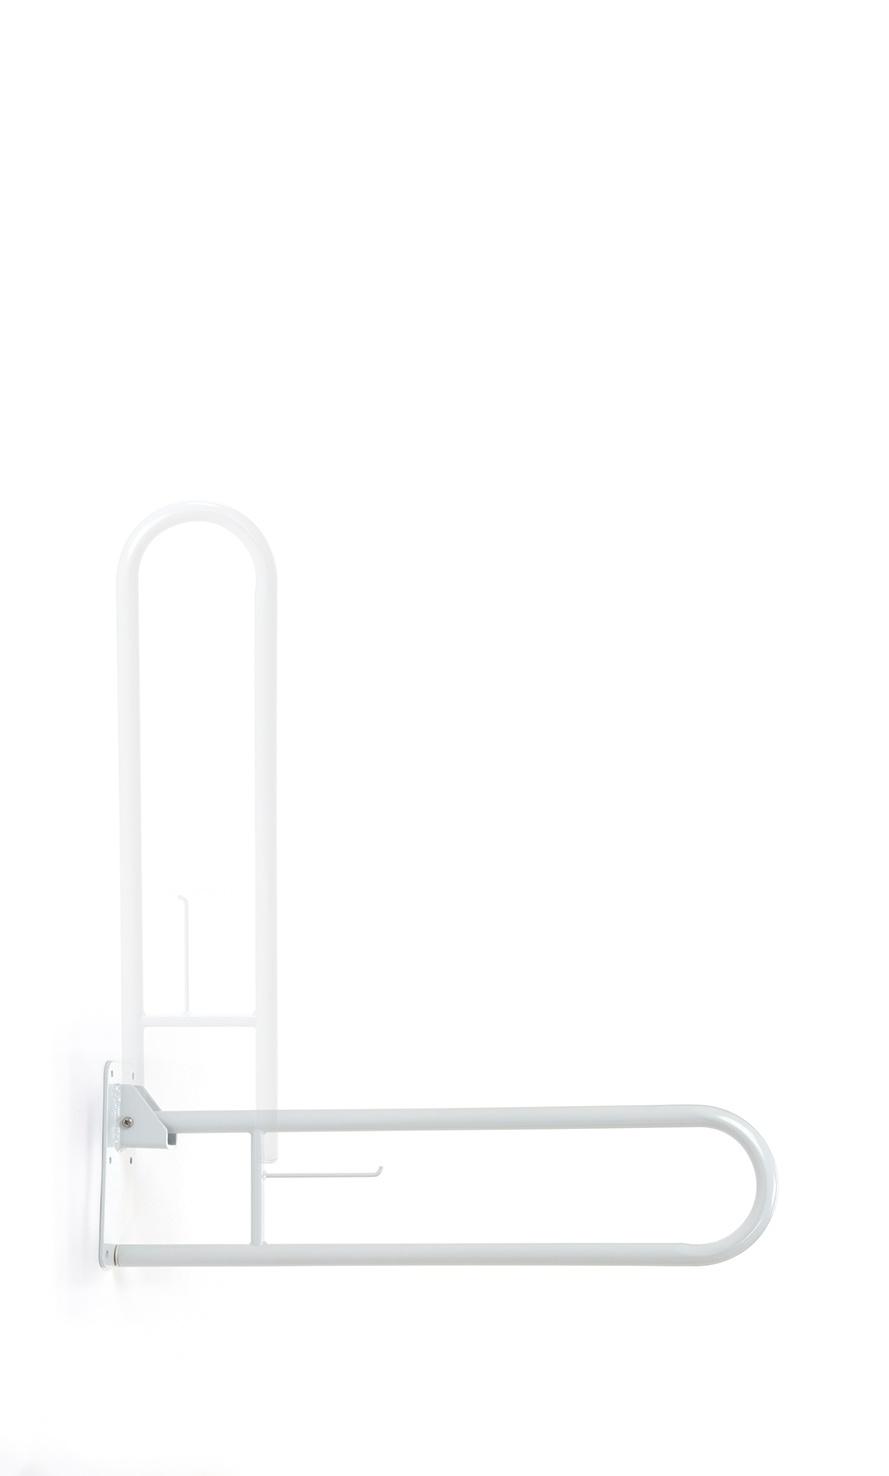 IRIS Uchwyt odchylany przy toalecie dla osób niepełnosprawnych